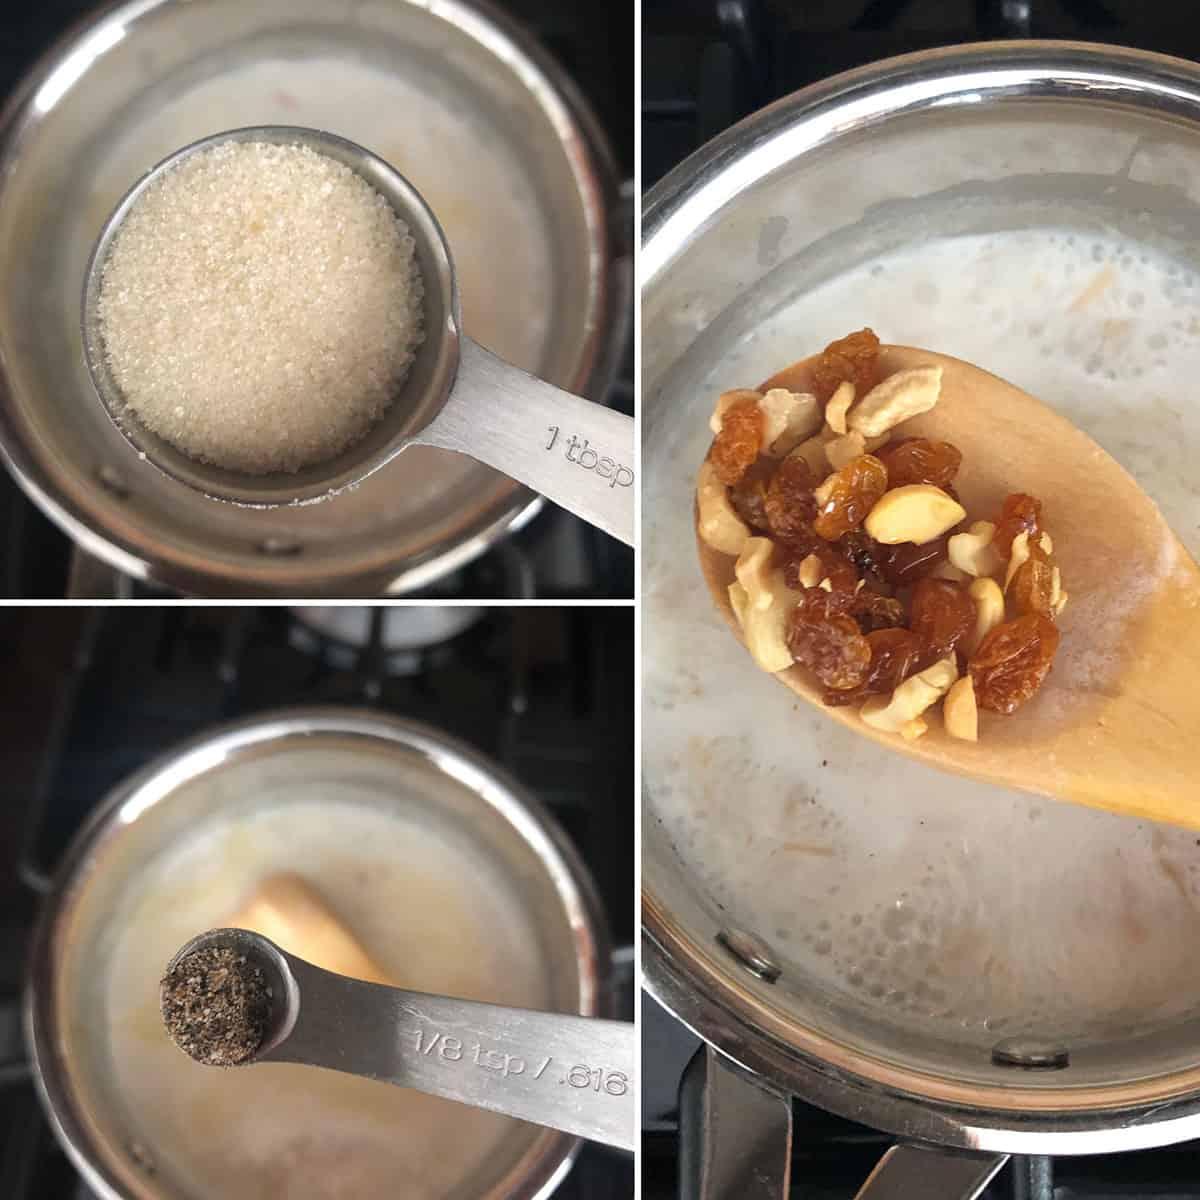 Add sugar, cardamom and fried nuts into semya